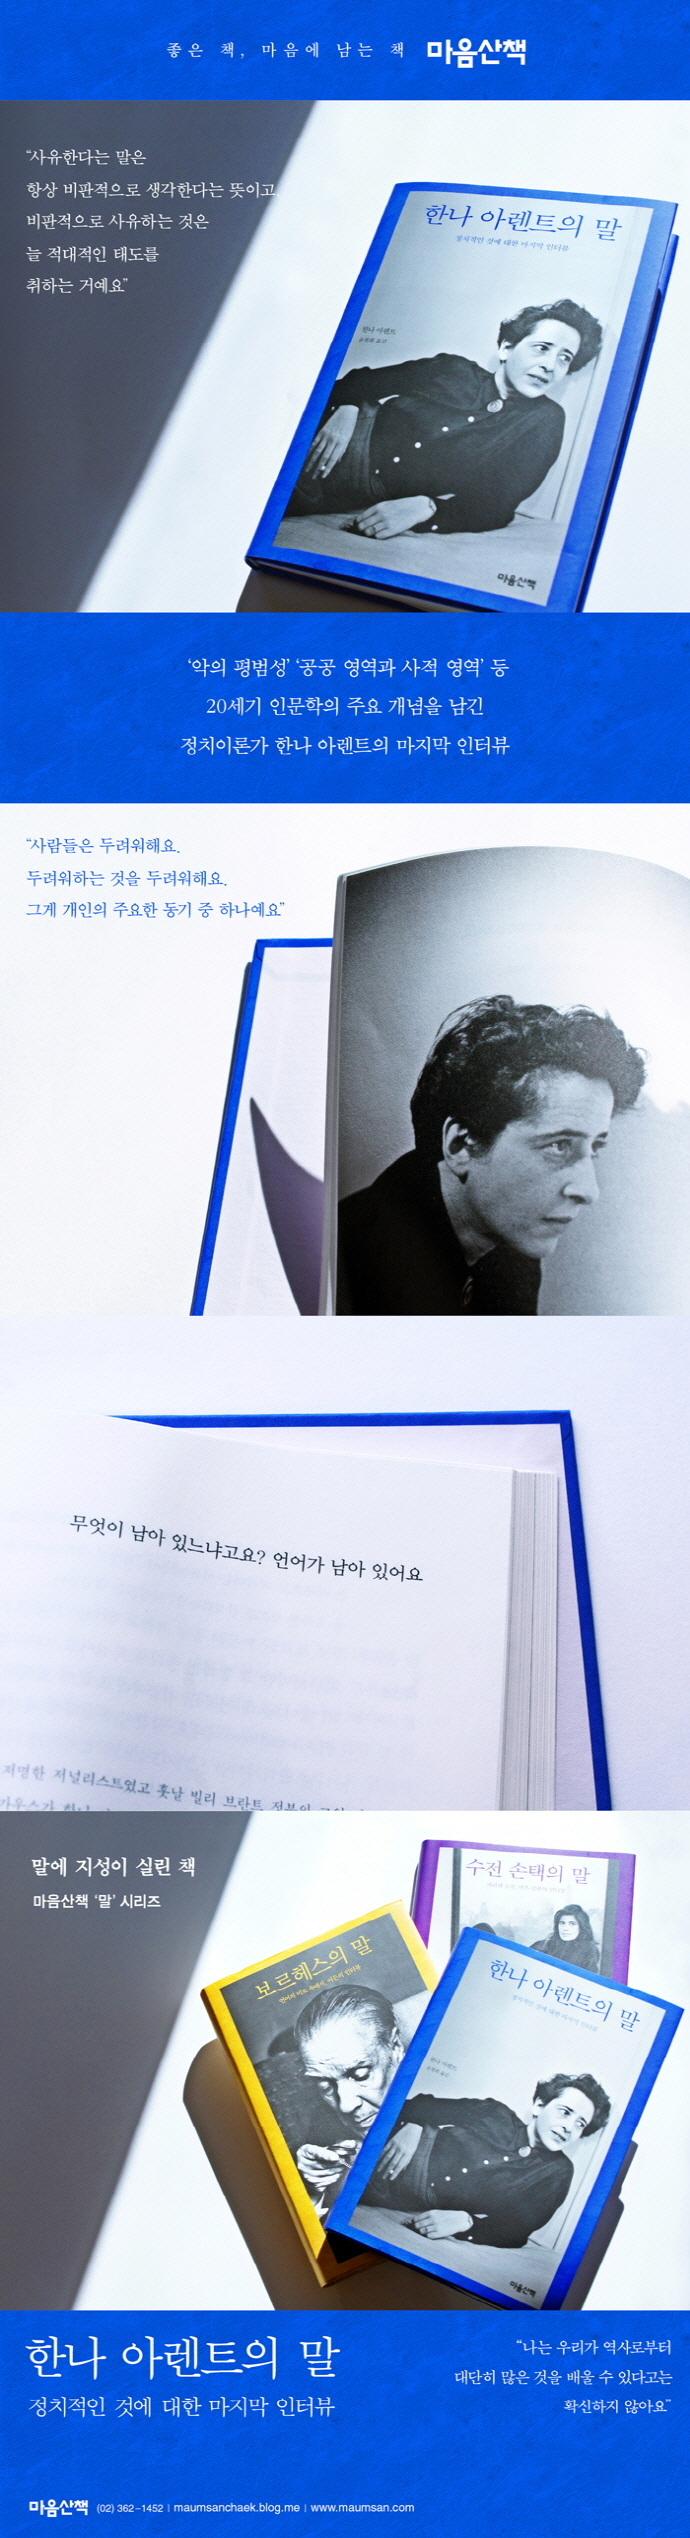 한나 아렌트의 말(양장본 HardCover) 도서 상세이미지